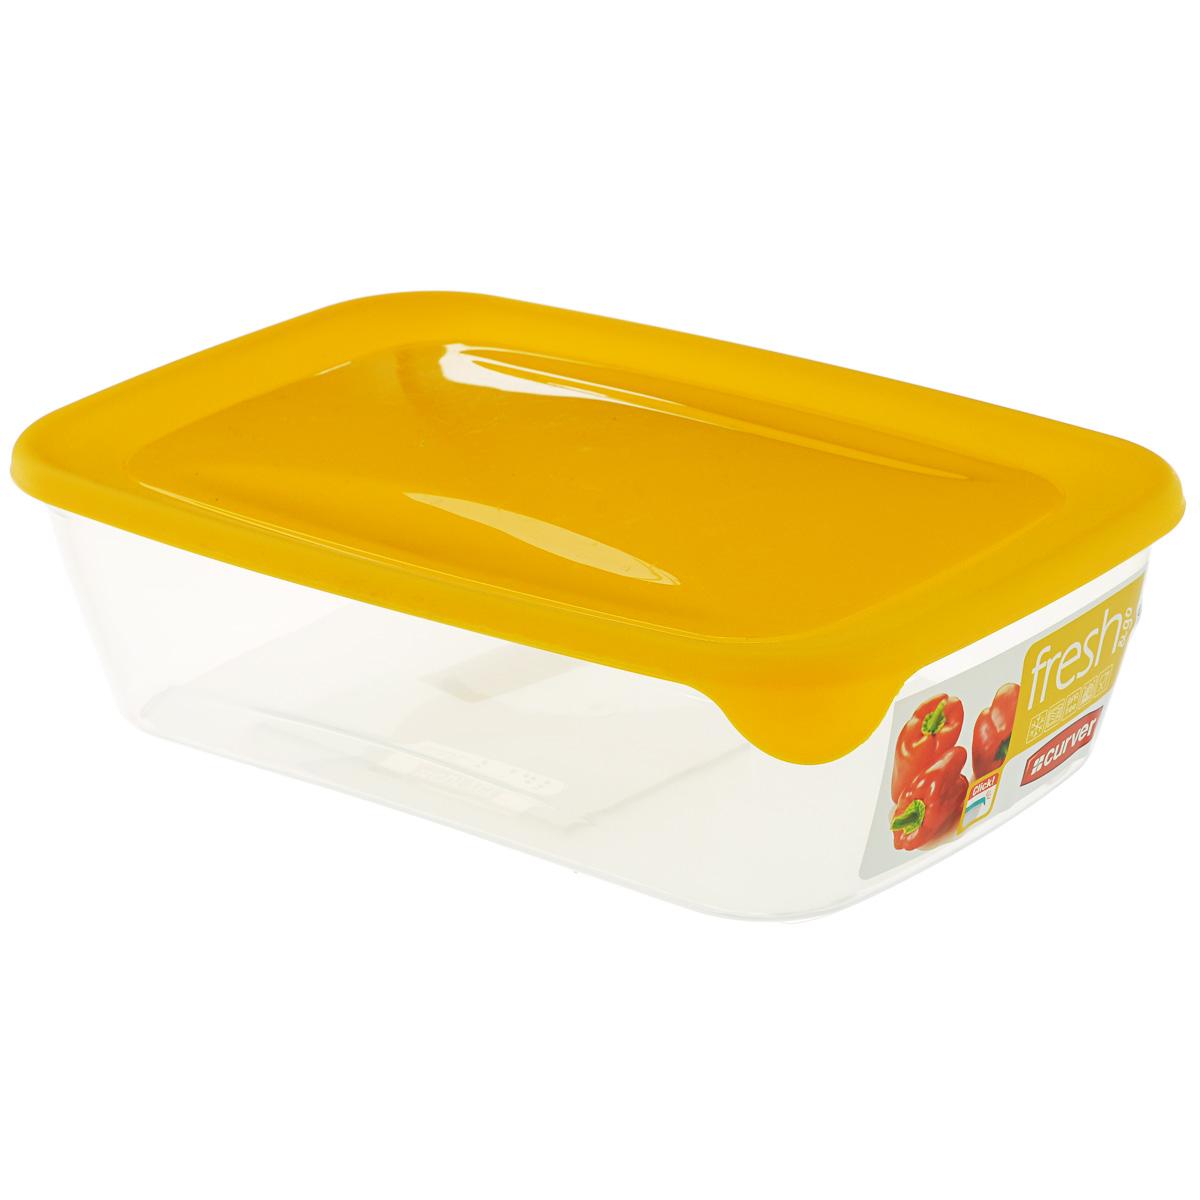 Емкость для заморозки и СВЧ Curver Fresh & Go, цвет: желтый, 2 л21395599Прямоугольная емкость для заморозки и СВЧ Curver Fresh & Go изготовлена из высококачественного пищевого пластика (BPA free), который выдерживает температуру от -40°С до +100°С. Стенки емкости прозрачные, а крышка цветная. Она плотно закрывается, дольше сохраняя продукты свежими и вкусными. Емкость удобно брать с собой на работу, учебу, пикник или просто использовать для хранения пищи в холодильнике. Можно использовать в микроволновой печи и для заморозки в морозильной камере. Можно мыть в посудомоечной машине.